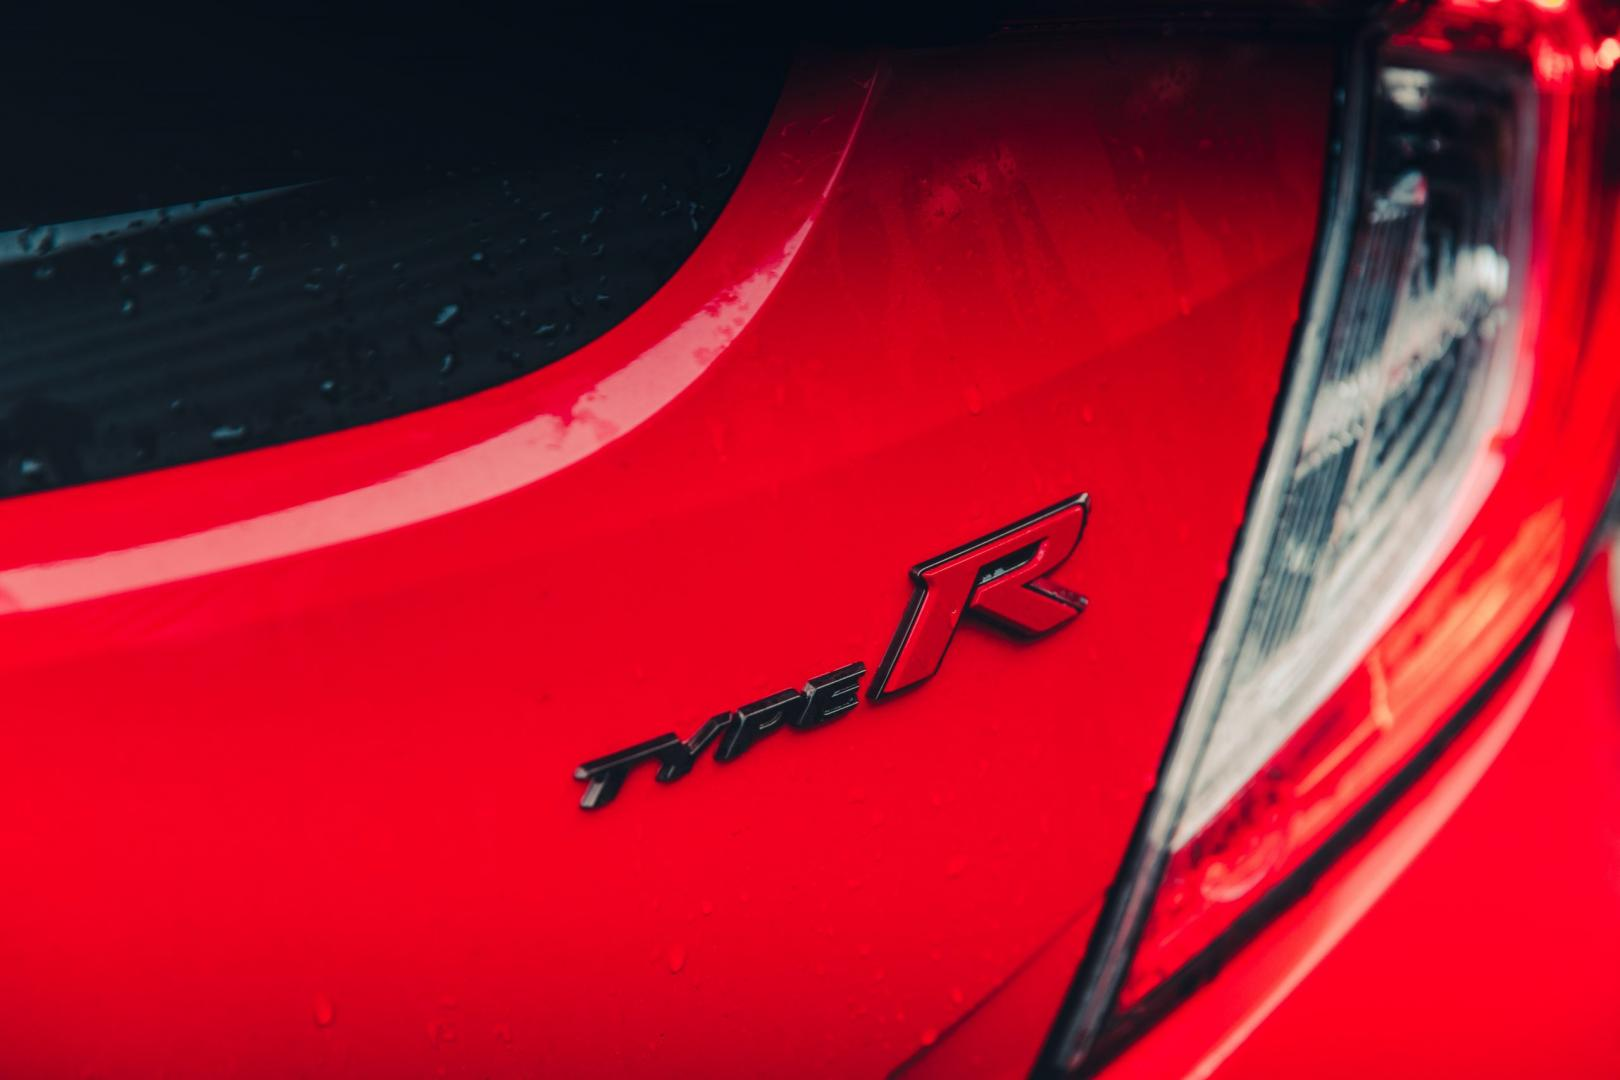 Honda Civic Type - R badge logo